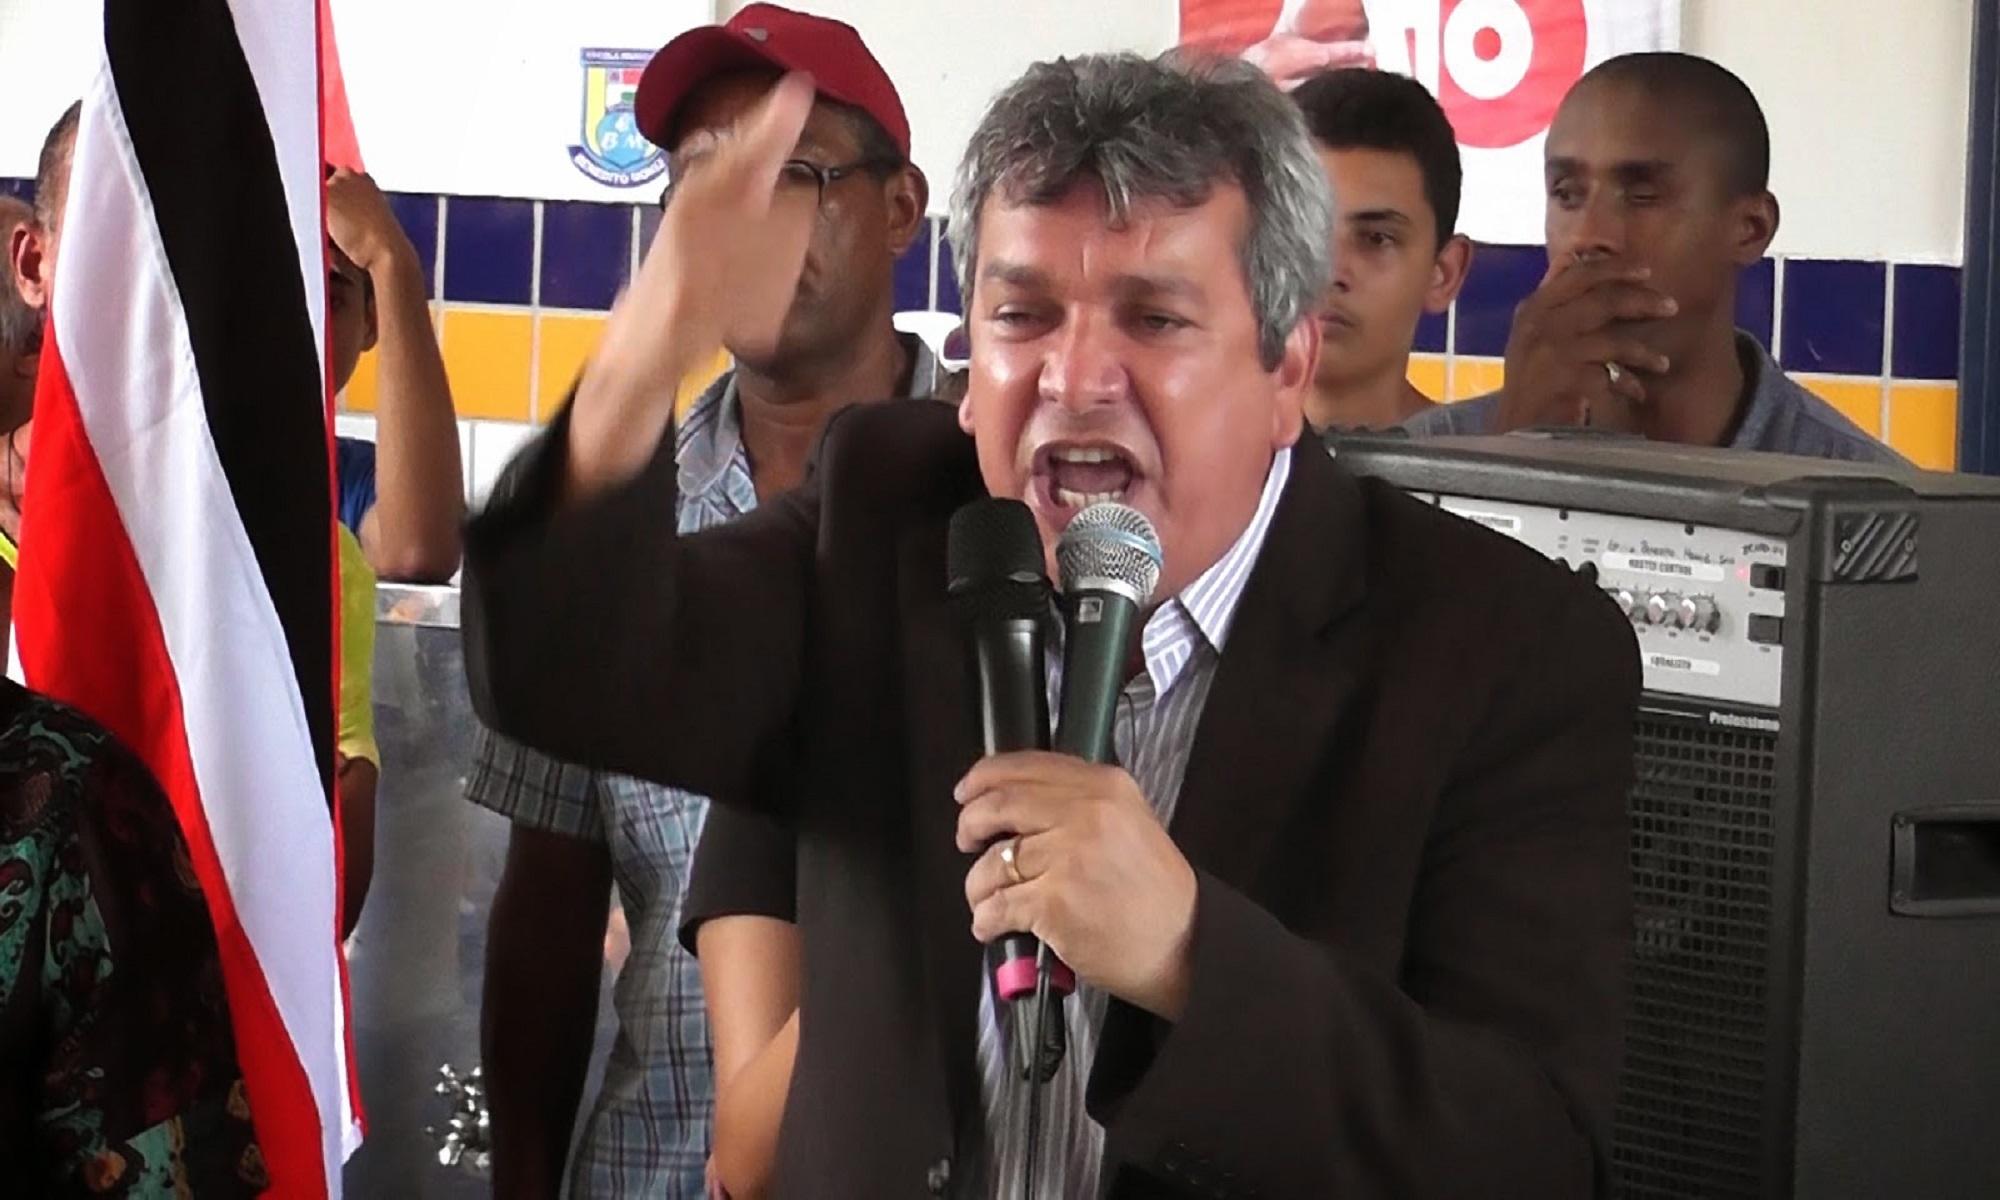 Carrinho Muniz